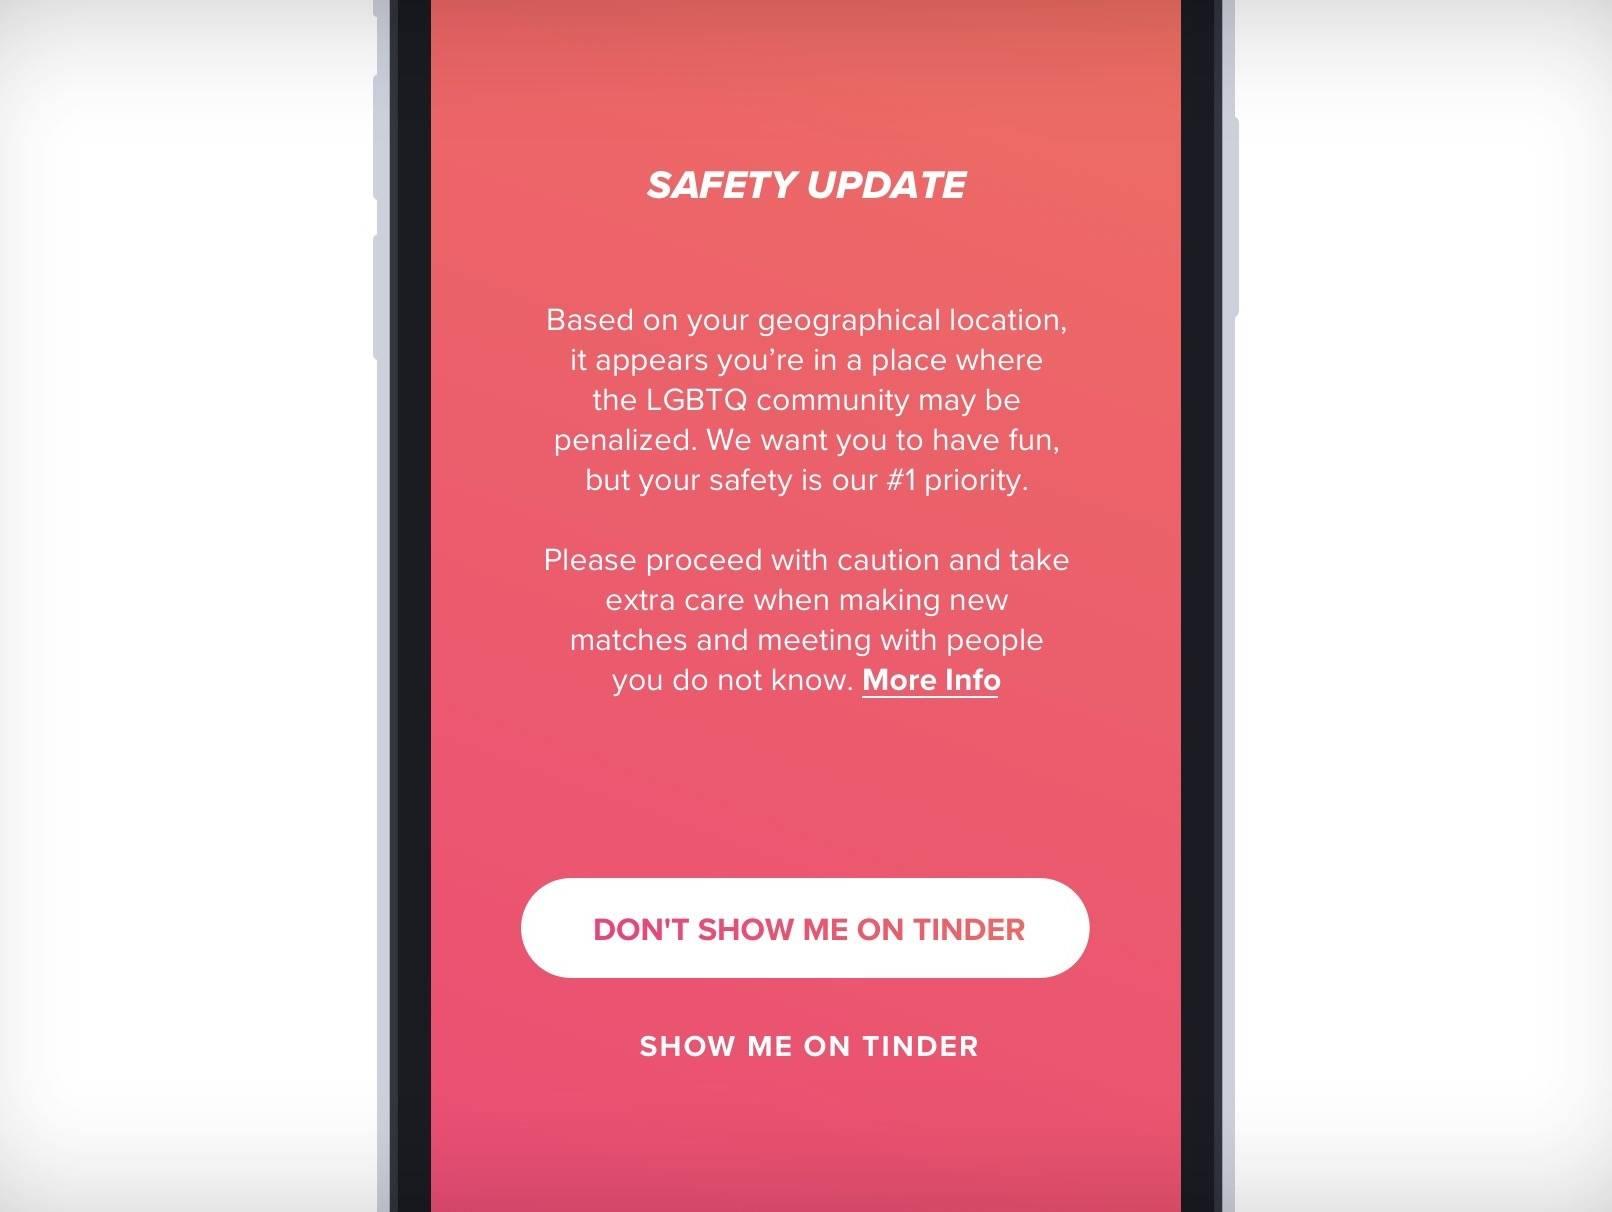 Tinder ofrecerá una nueva función de seguridad que advierte a usuarios LGBTQ cuando estén en países hostiles